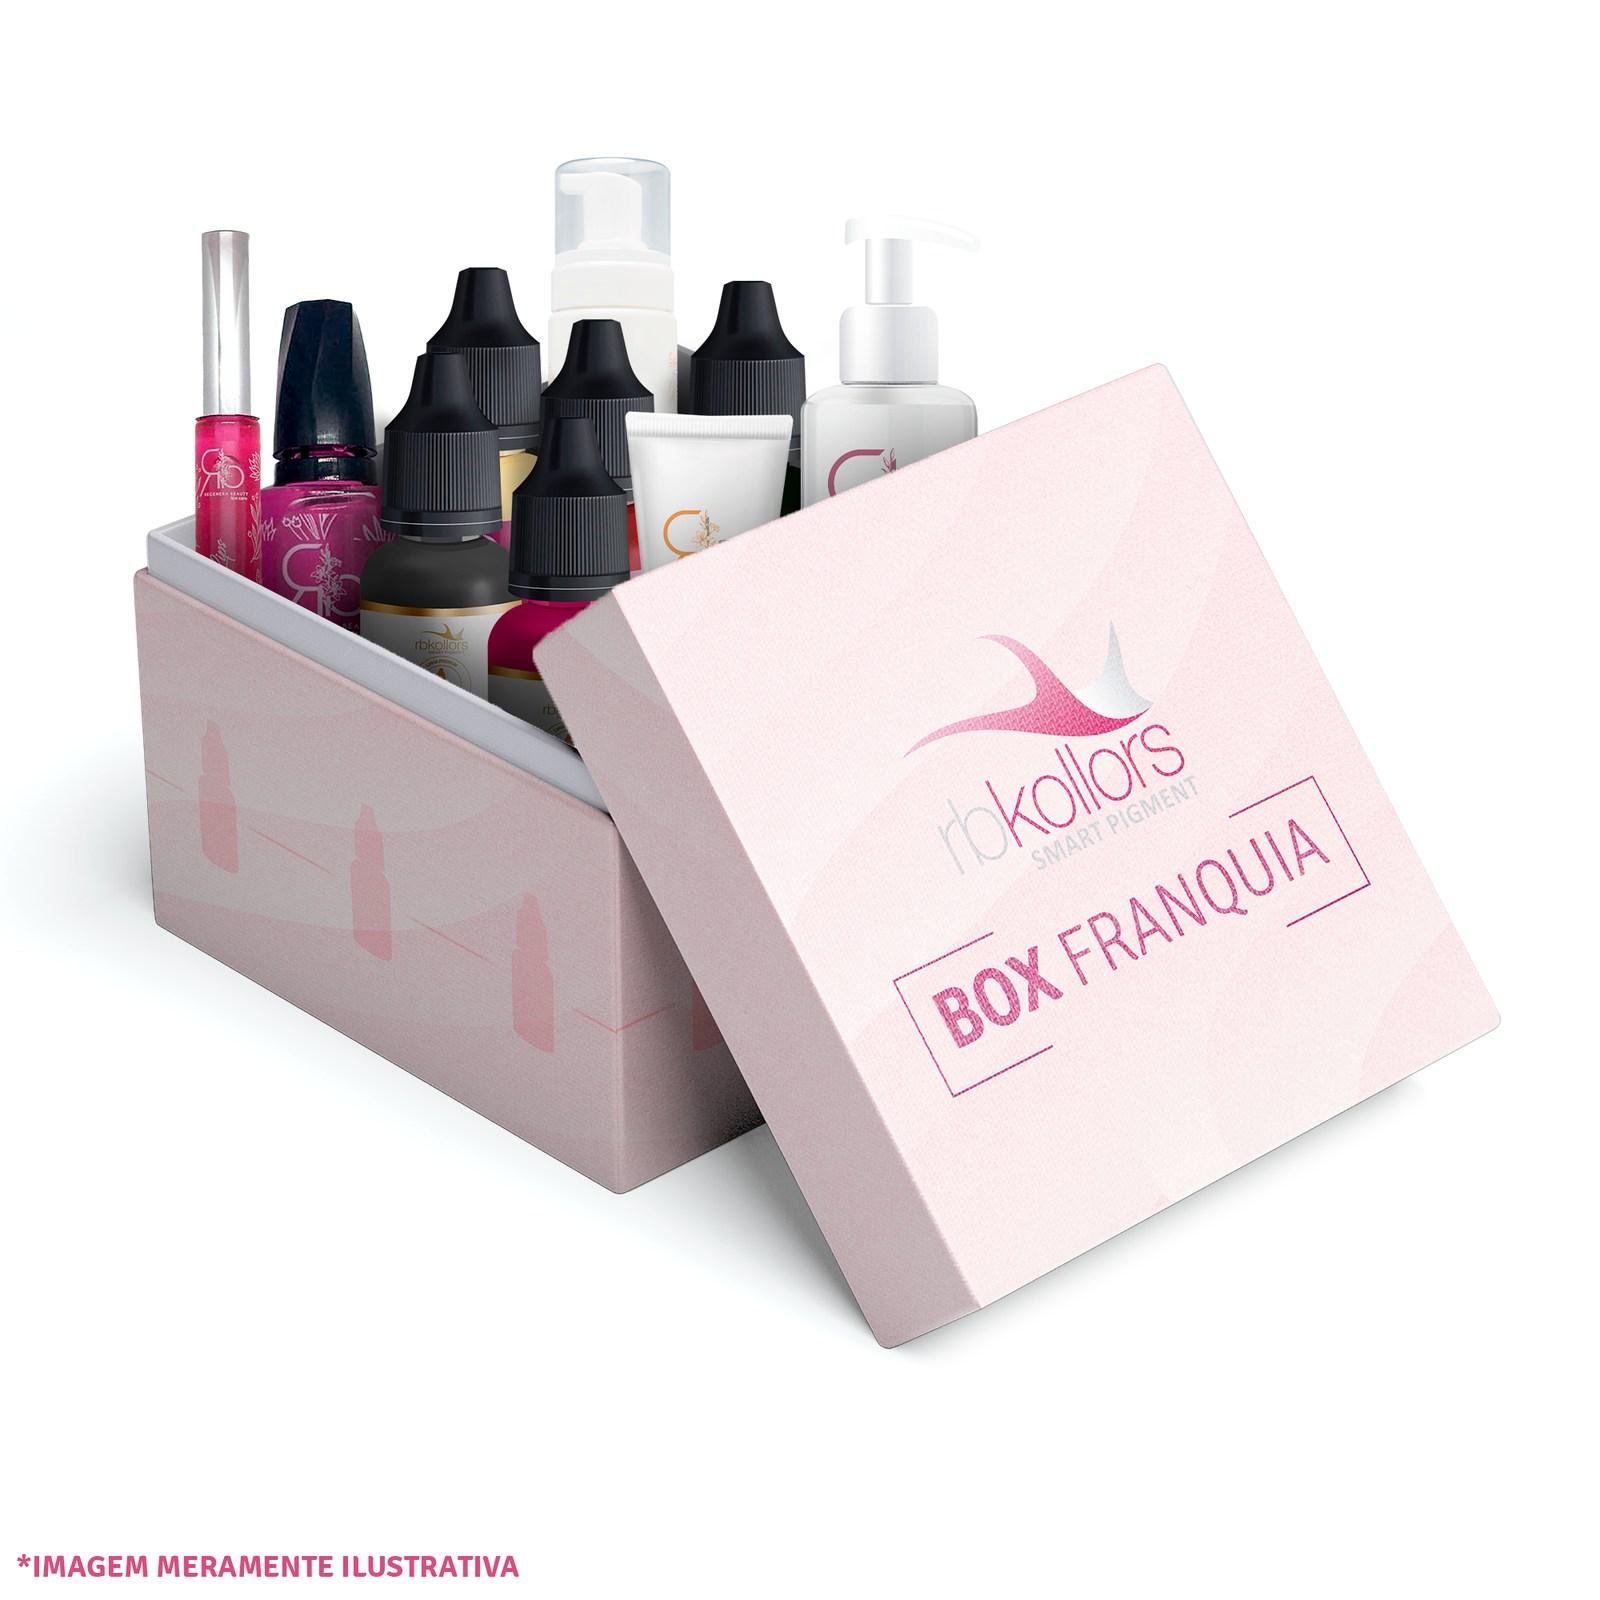 Box Franquia - Pigmentos e Dermocosméticos